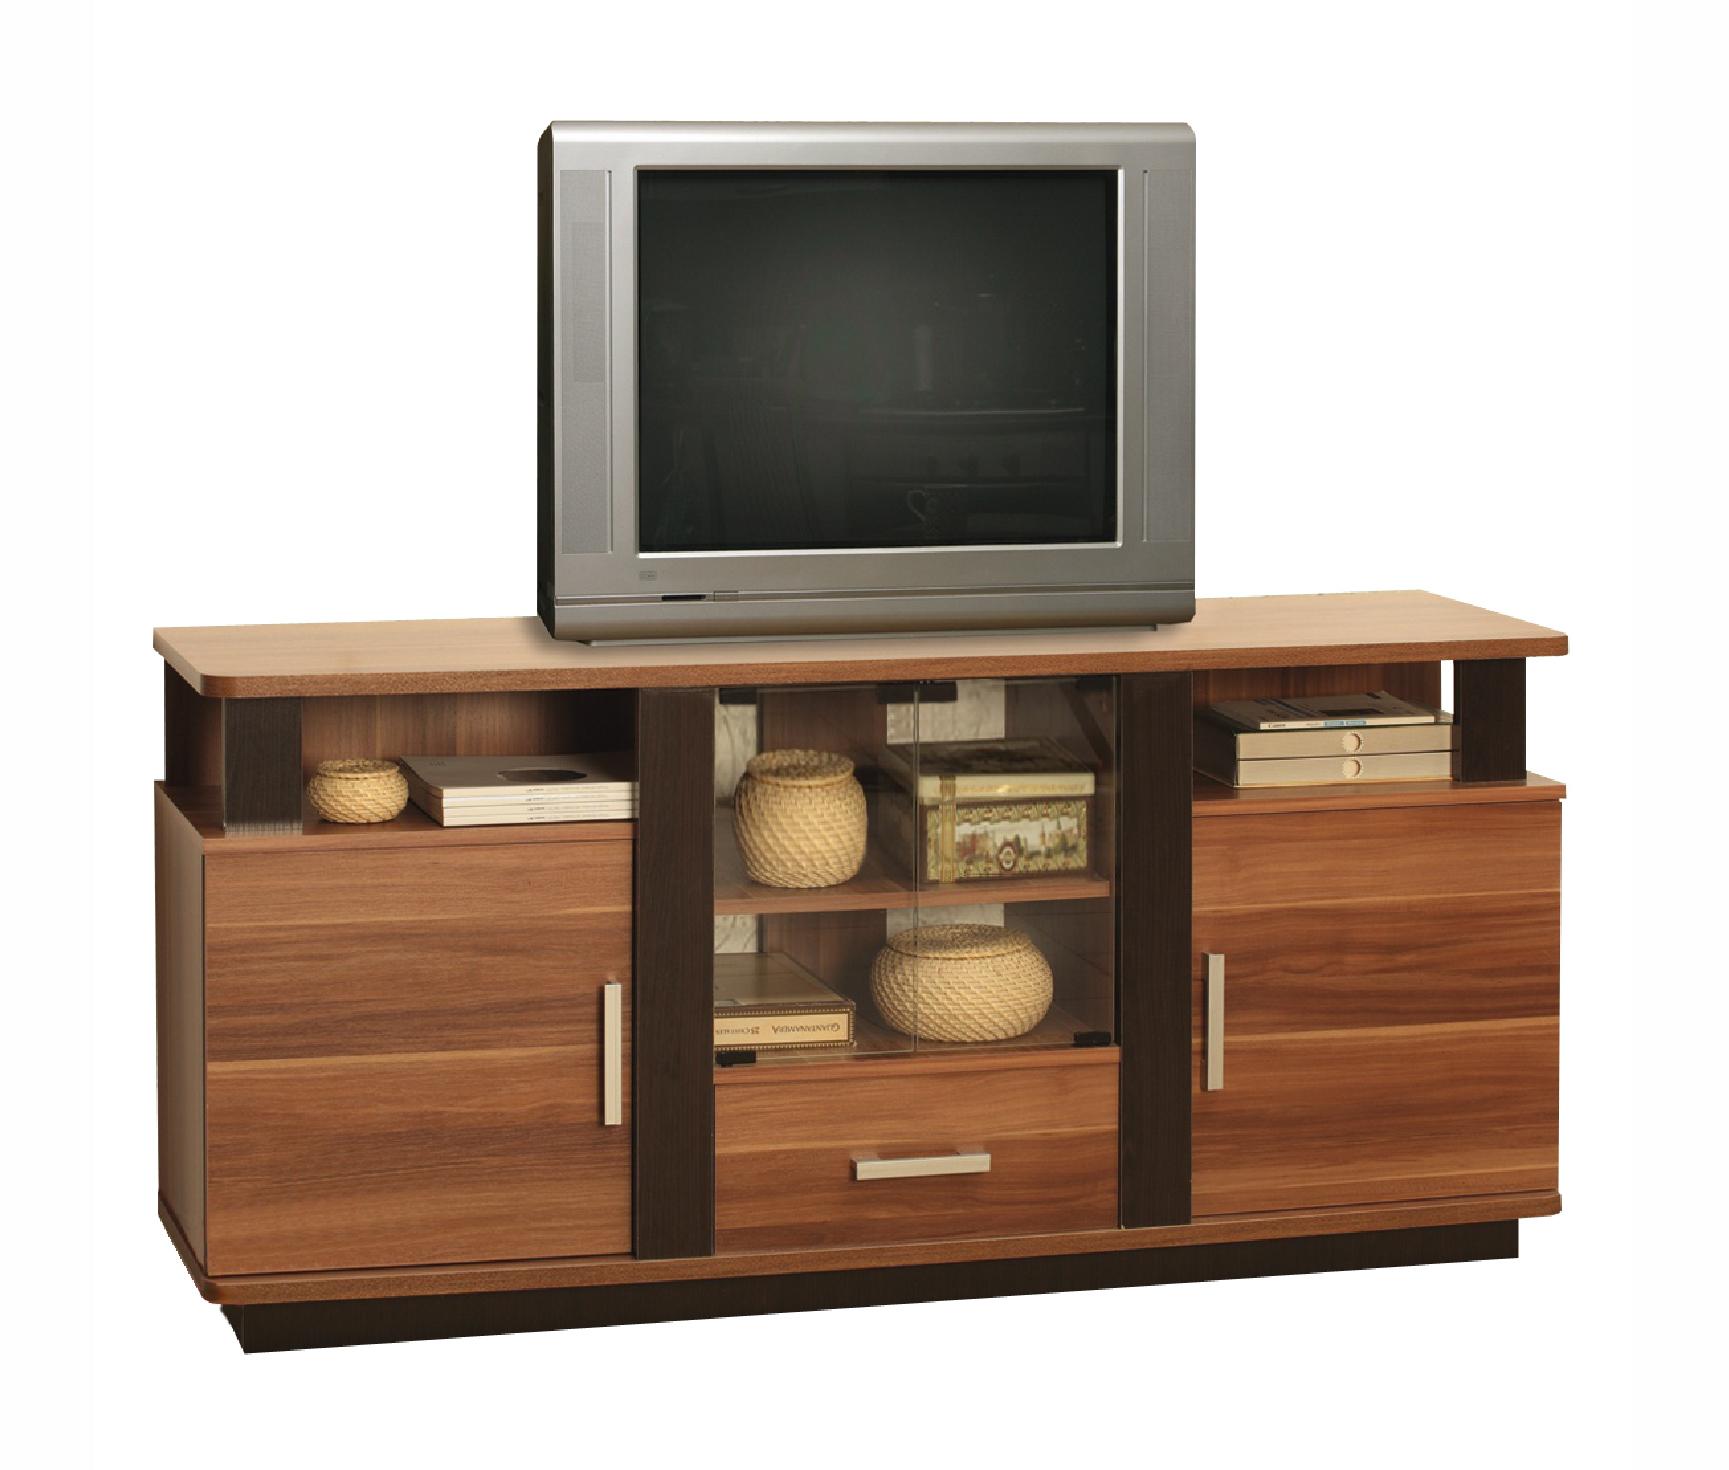 Тумба под ТВ-604Тумбы под телевизор<br>Размер: 1520х730х400<br><br>Материалы: ЛДСП Kronospan - 16 мм., кромка ПВХ - 0,4 мм., стекло<br>Полный размер (ДхВхГ): 1520х730х400<br>Примечание: Доставляется в разобранном виде<br>Изготовление и доставка: 10-14 дней<br>Условия доставки: Бесплатная по Москве до подъезда<br>Условие оплаты: Оплата наличными при получении товара<br>Доставка по МО (за пределами МКАД): 30 руб./км<br>Доставка в пределах ТТК: Доставка в центр Москвы осуществляется ночью, с 22.00 до 6.00 утра<br>Подъем на грузовом лифте: 300 руб.<br>Подъем без лифта: 150 руб./этаж<br>Сборка: 1000 руб.<br>Гарантия: 12 месяцев<br>Производство: Россия<br>Производитель: Grey